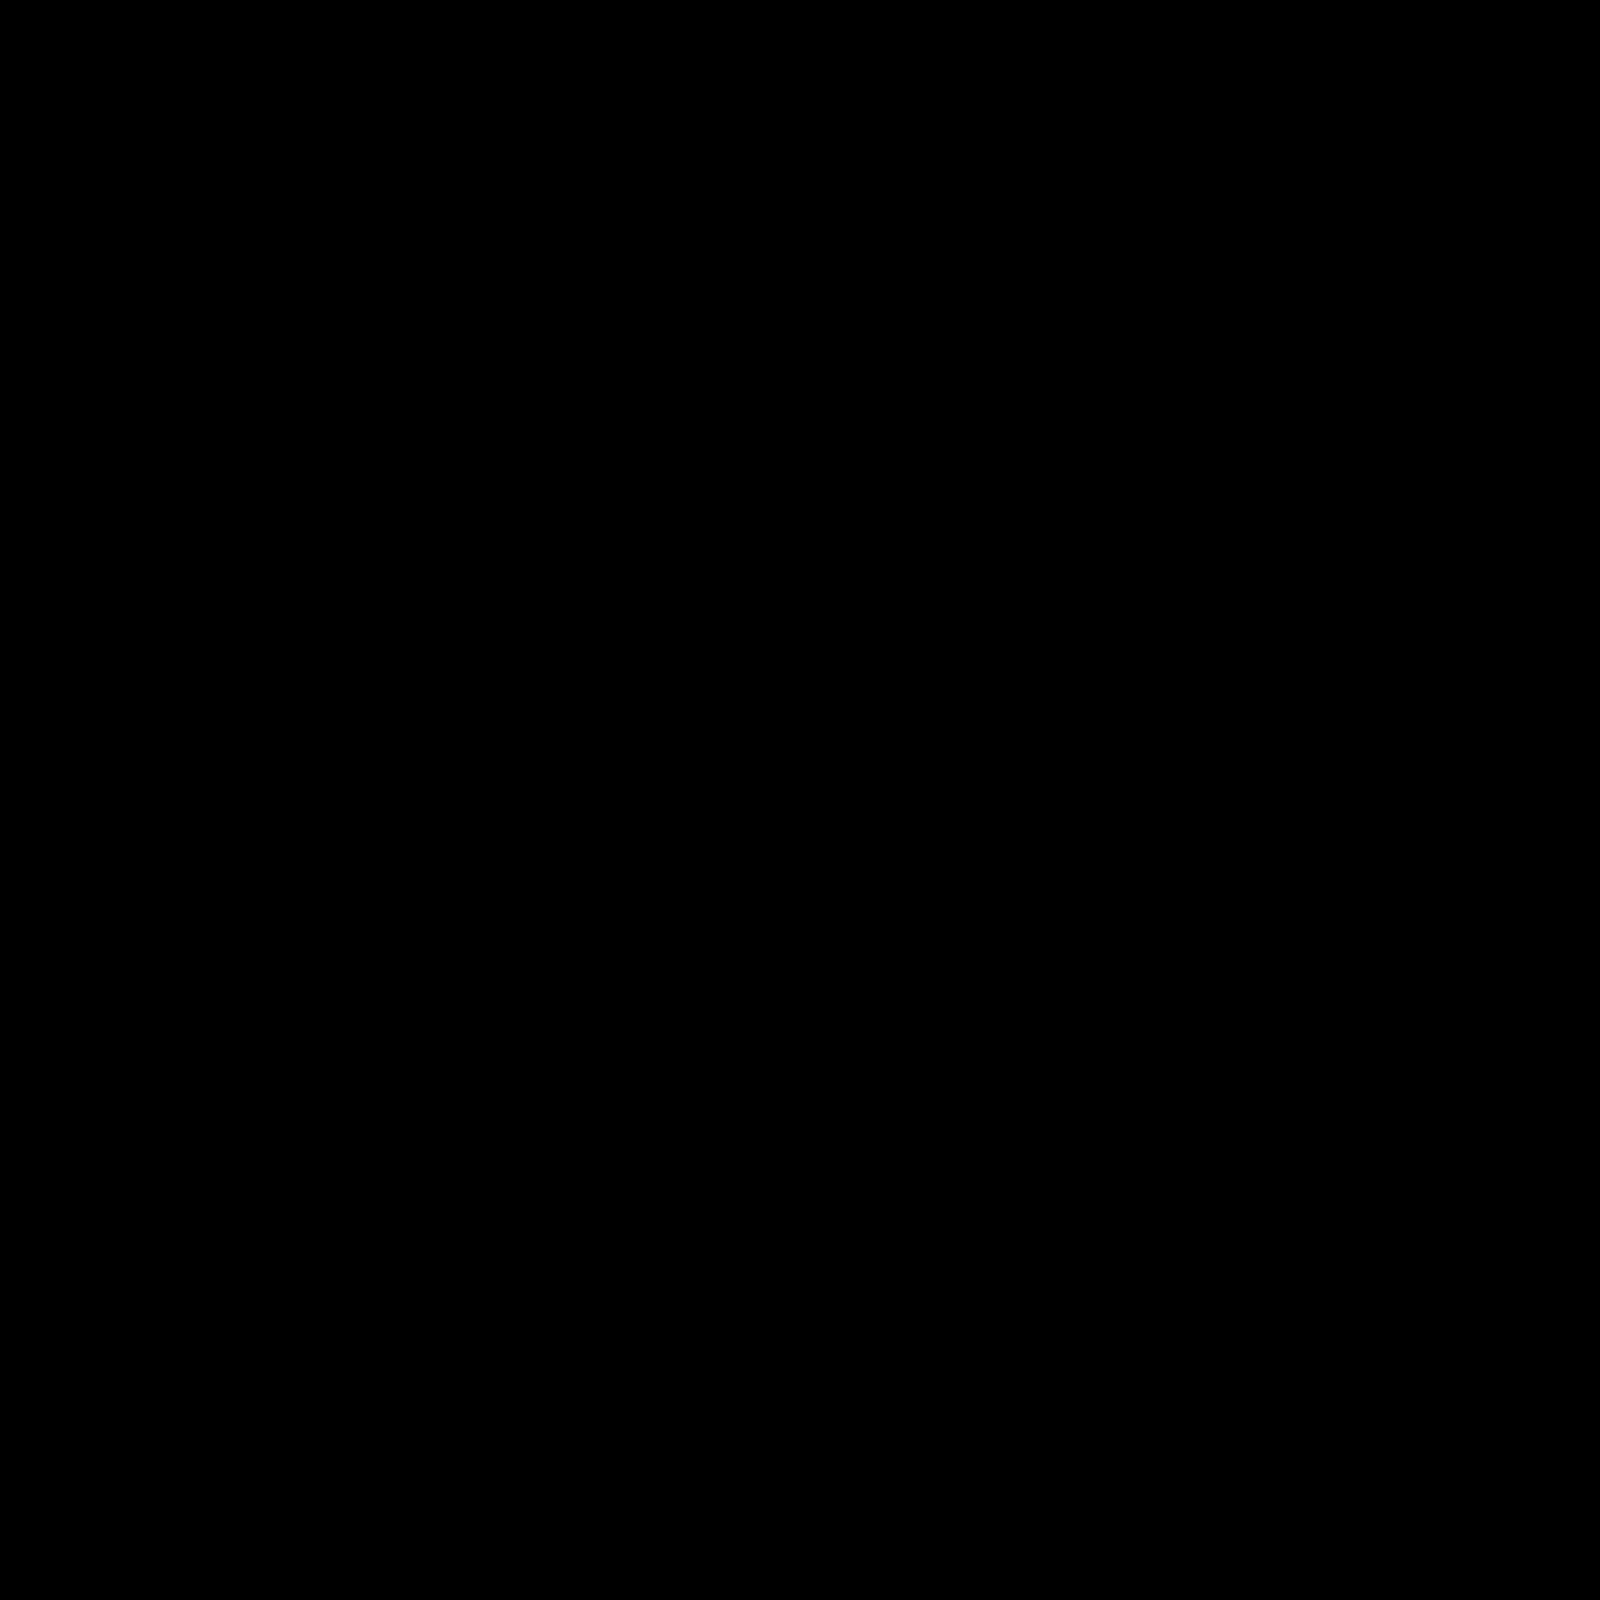 Lever Door Handle – Victorian 63mm – T 1039 series